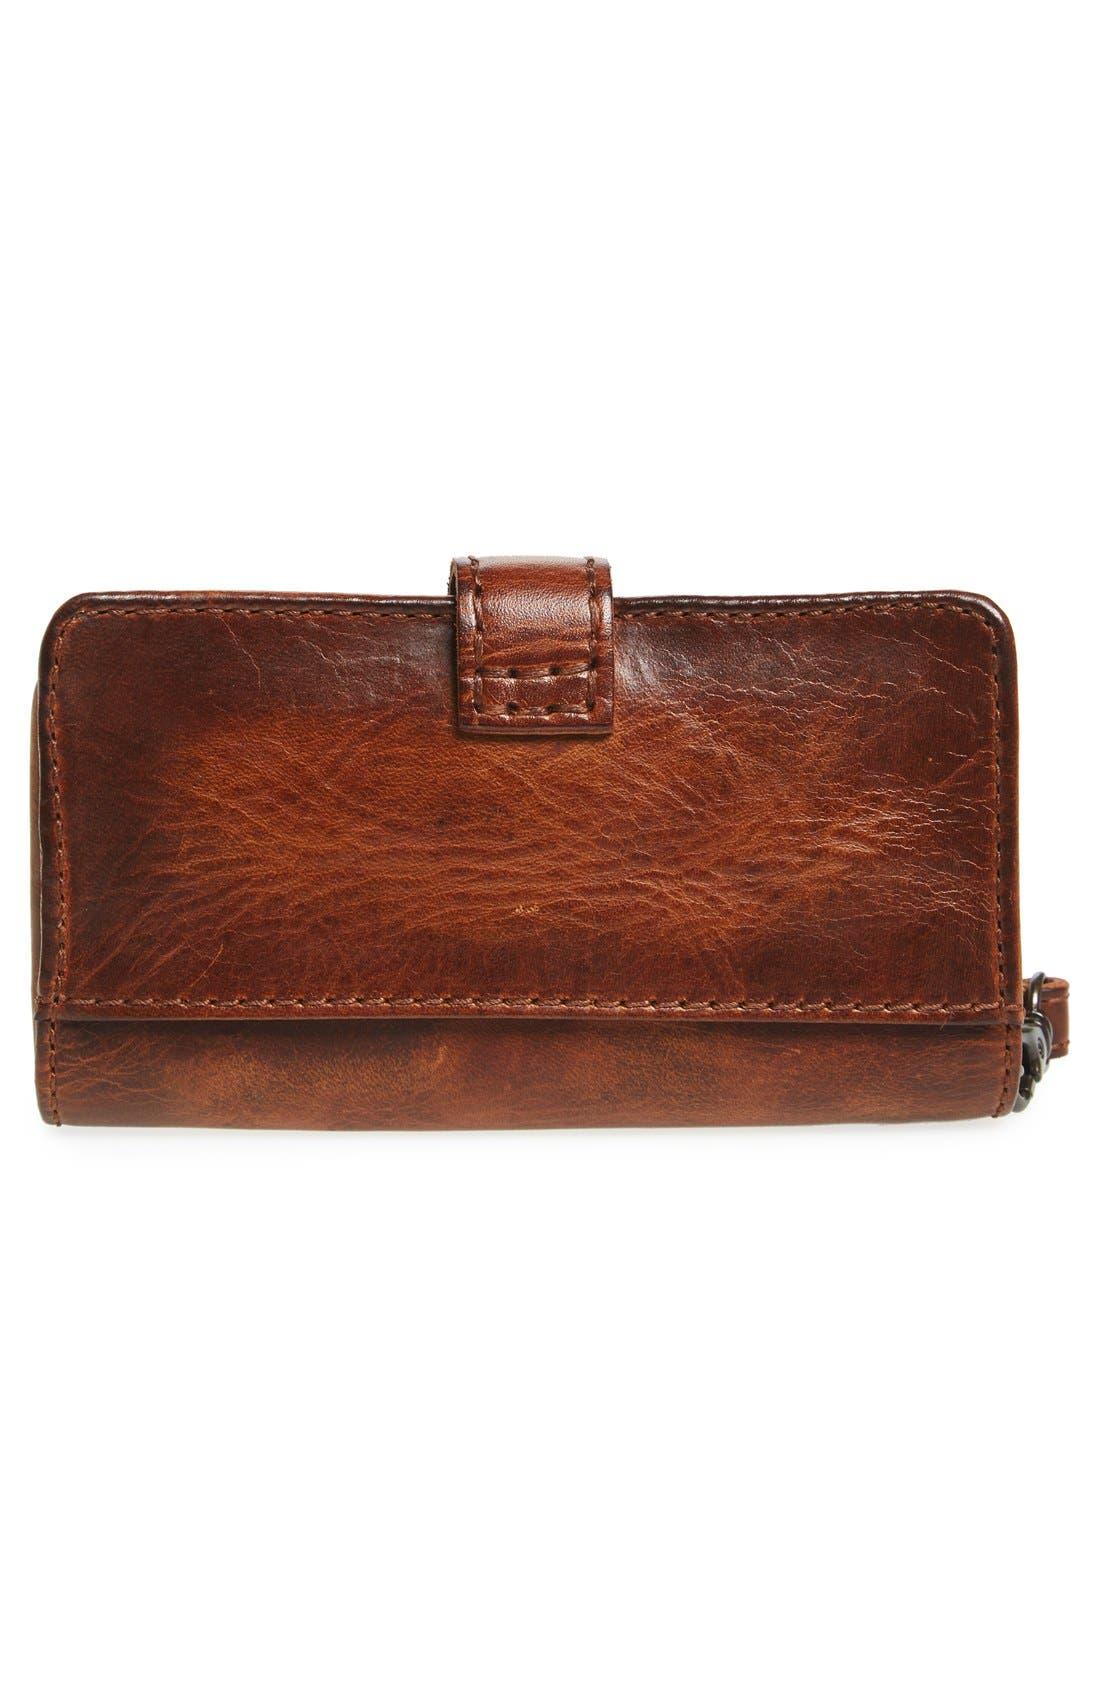 'Melissa' Leather Phone Wallet,                             Alternate thumbnail 3, color,                             Cognac